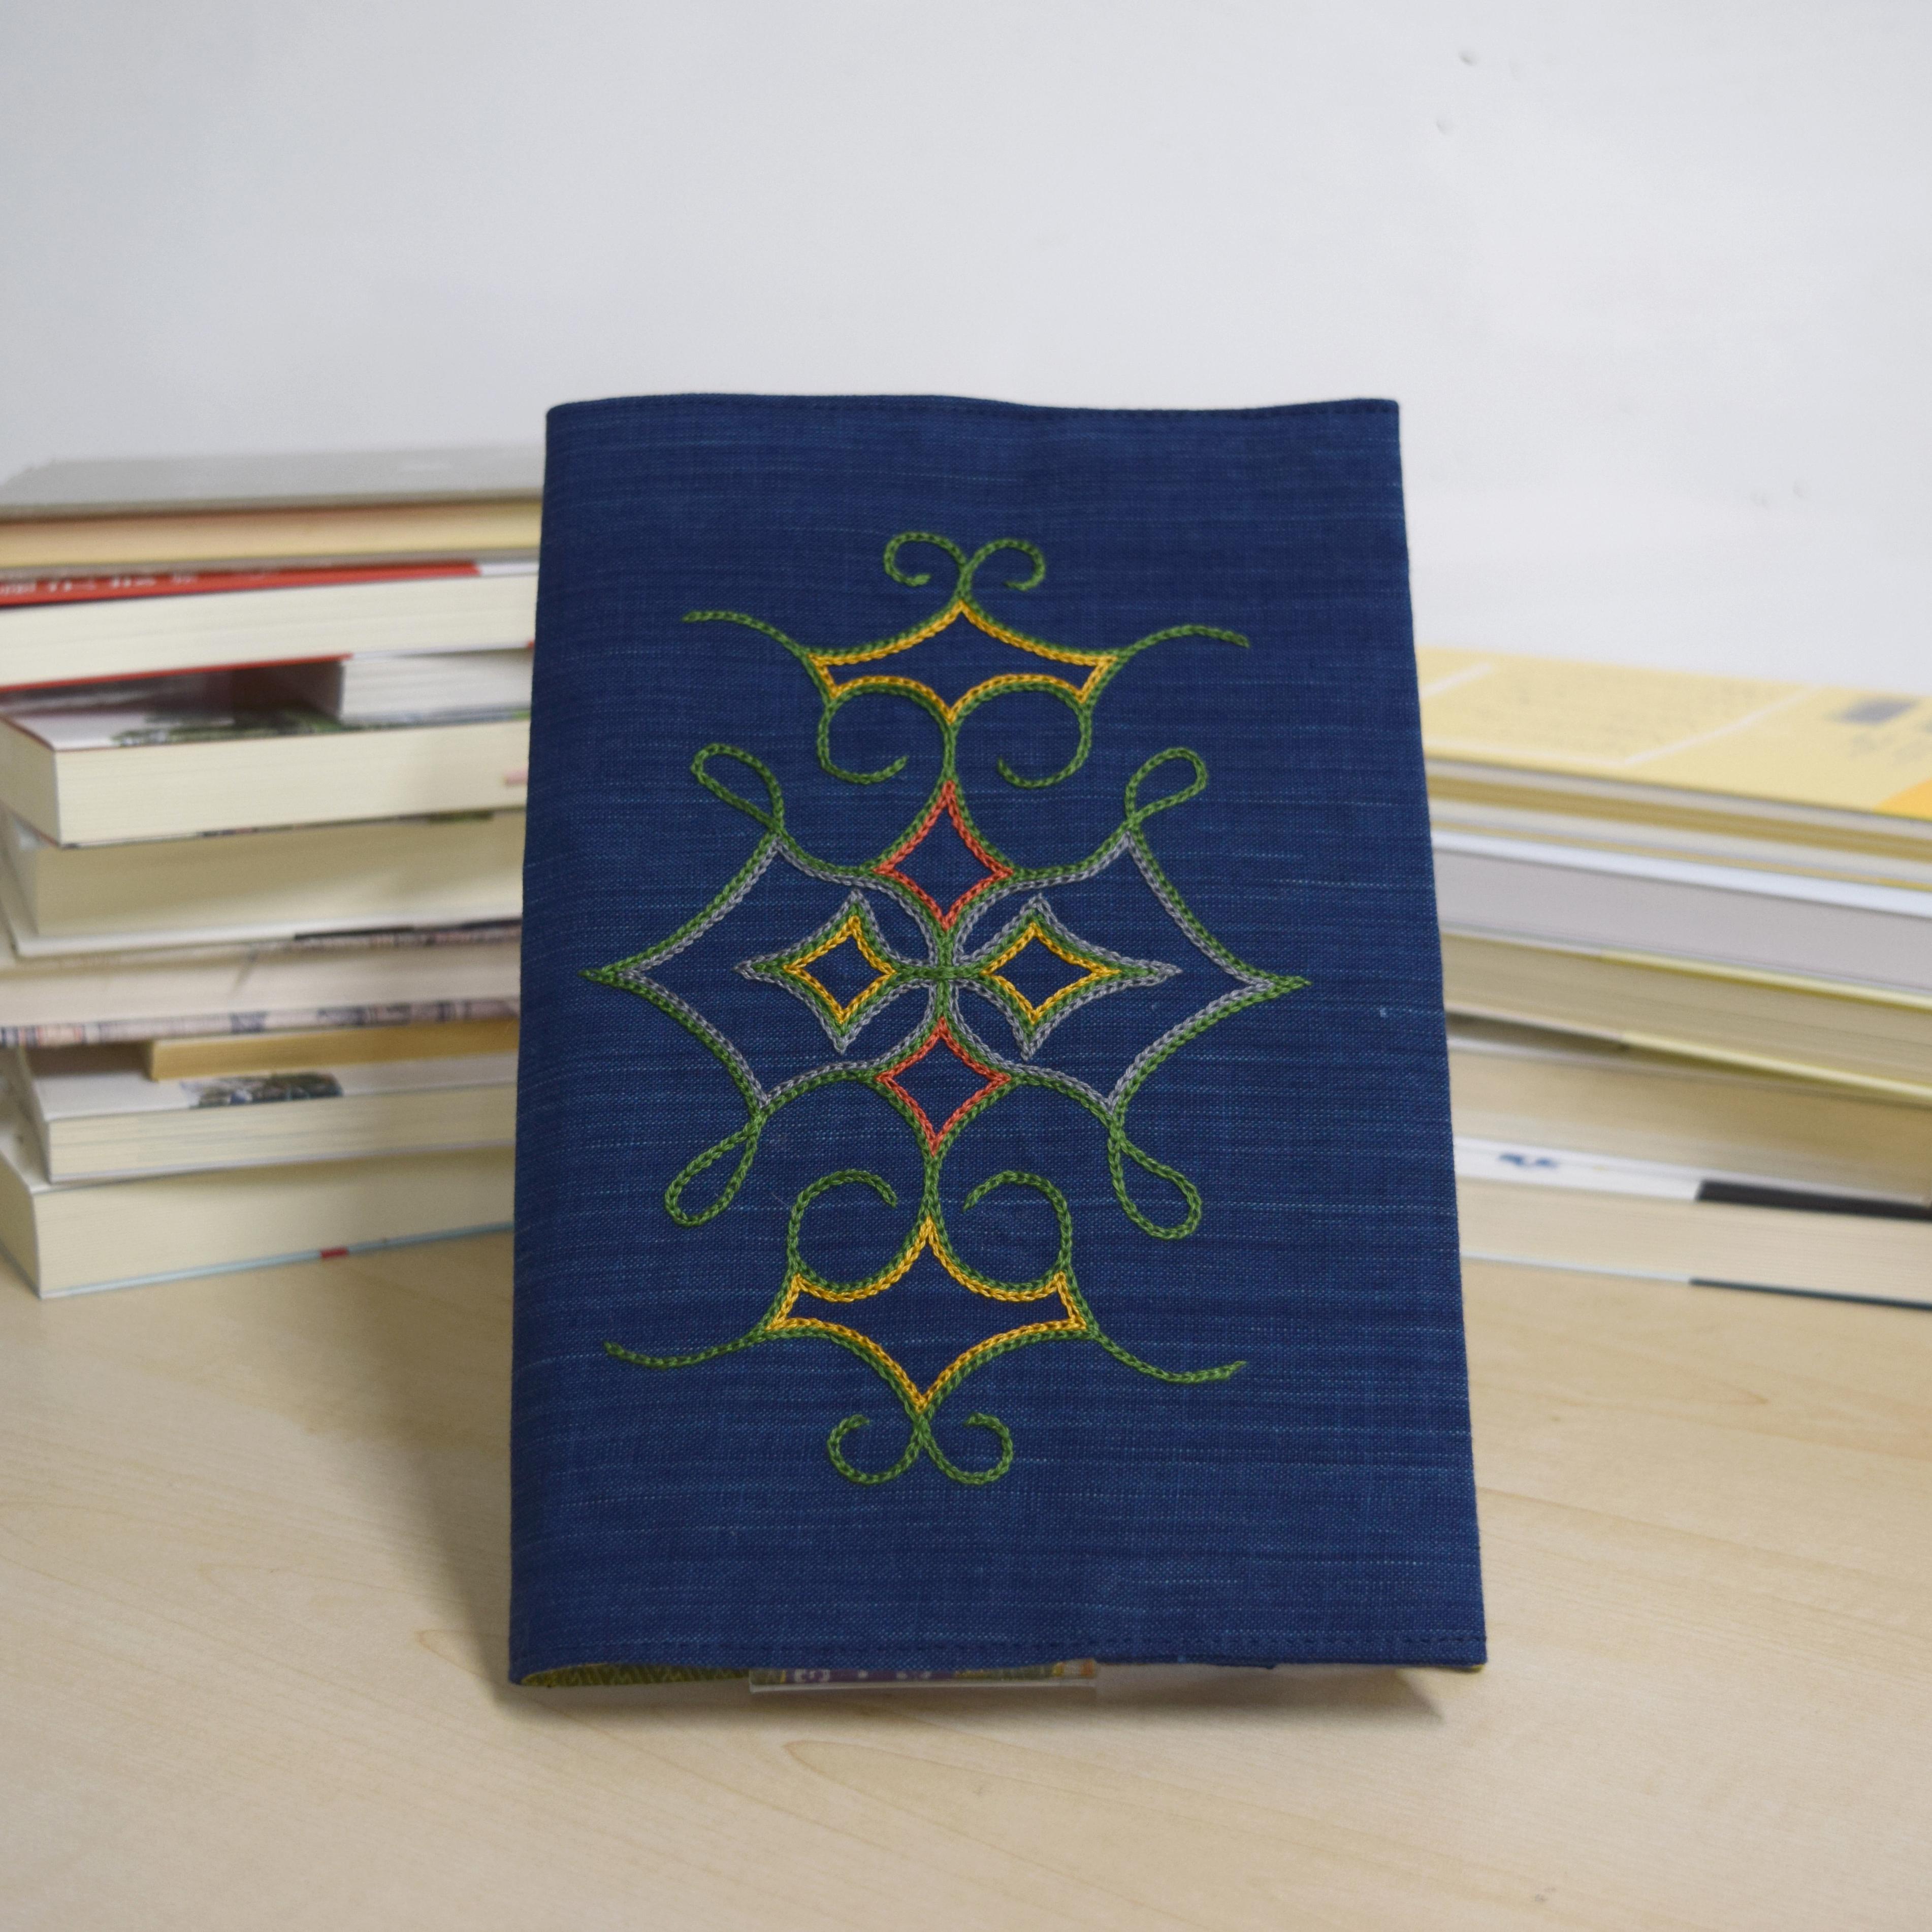 ブックカバー(大)   book cover(L) 【さっぽろアイヌクラフト】